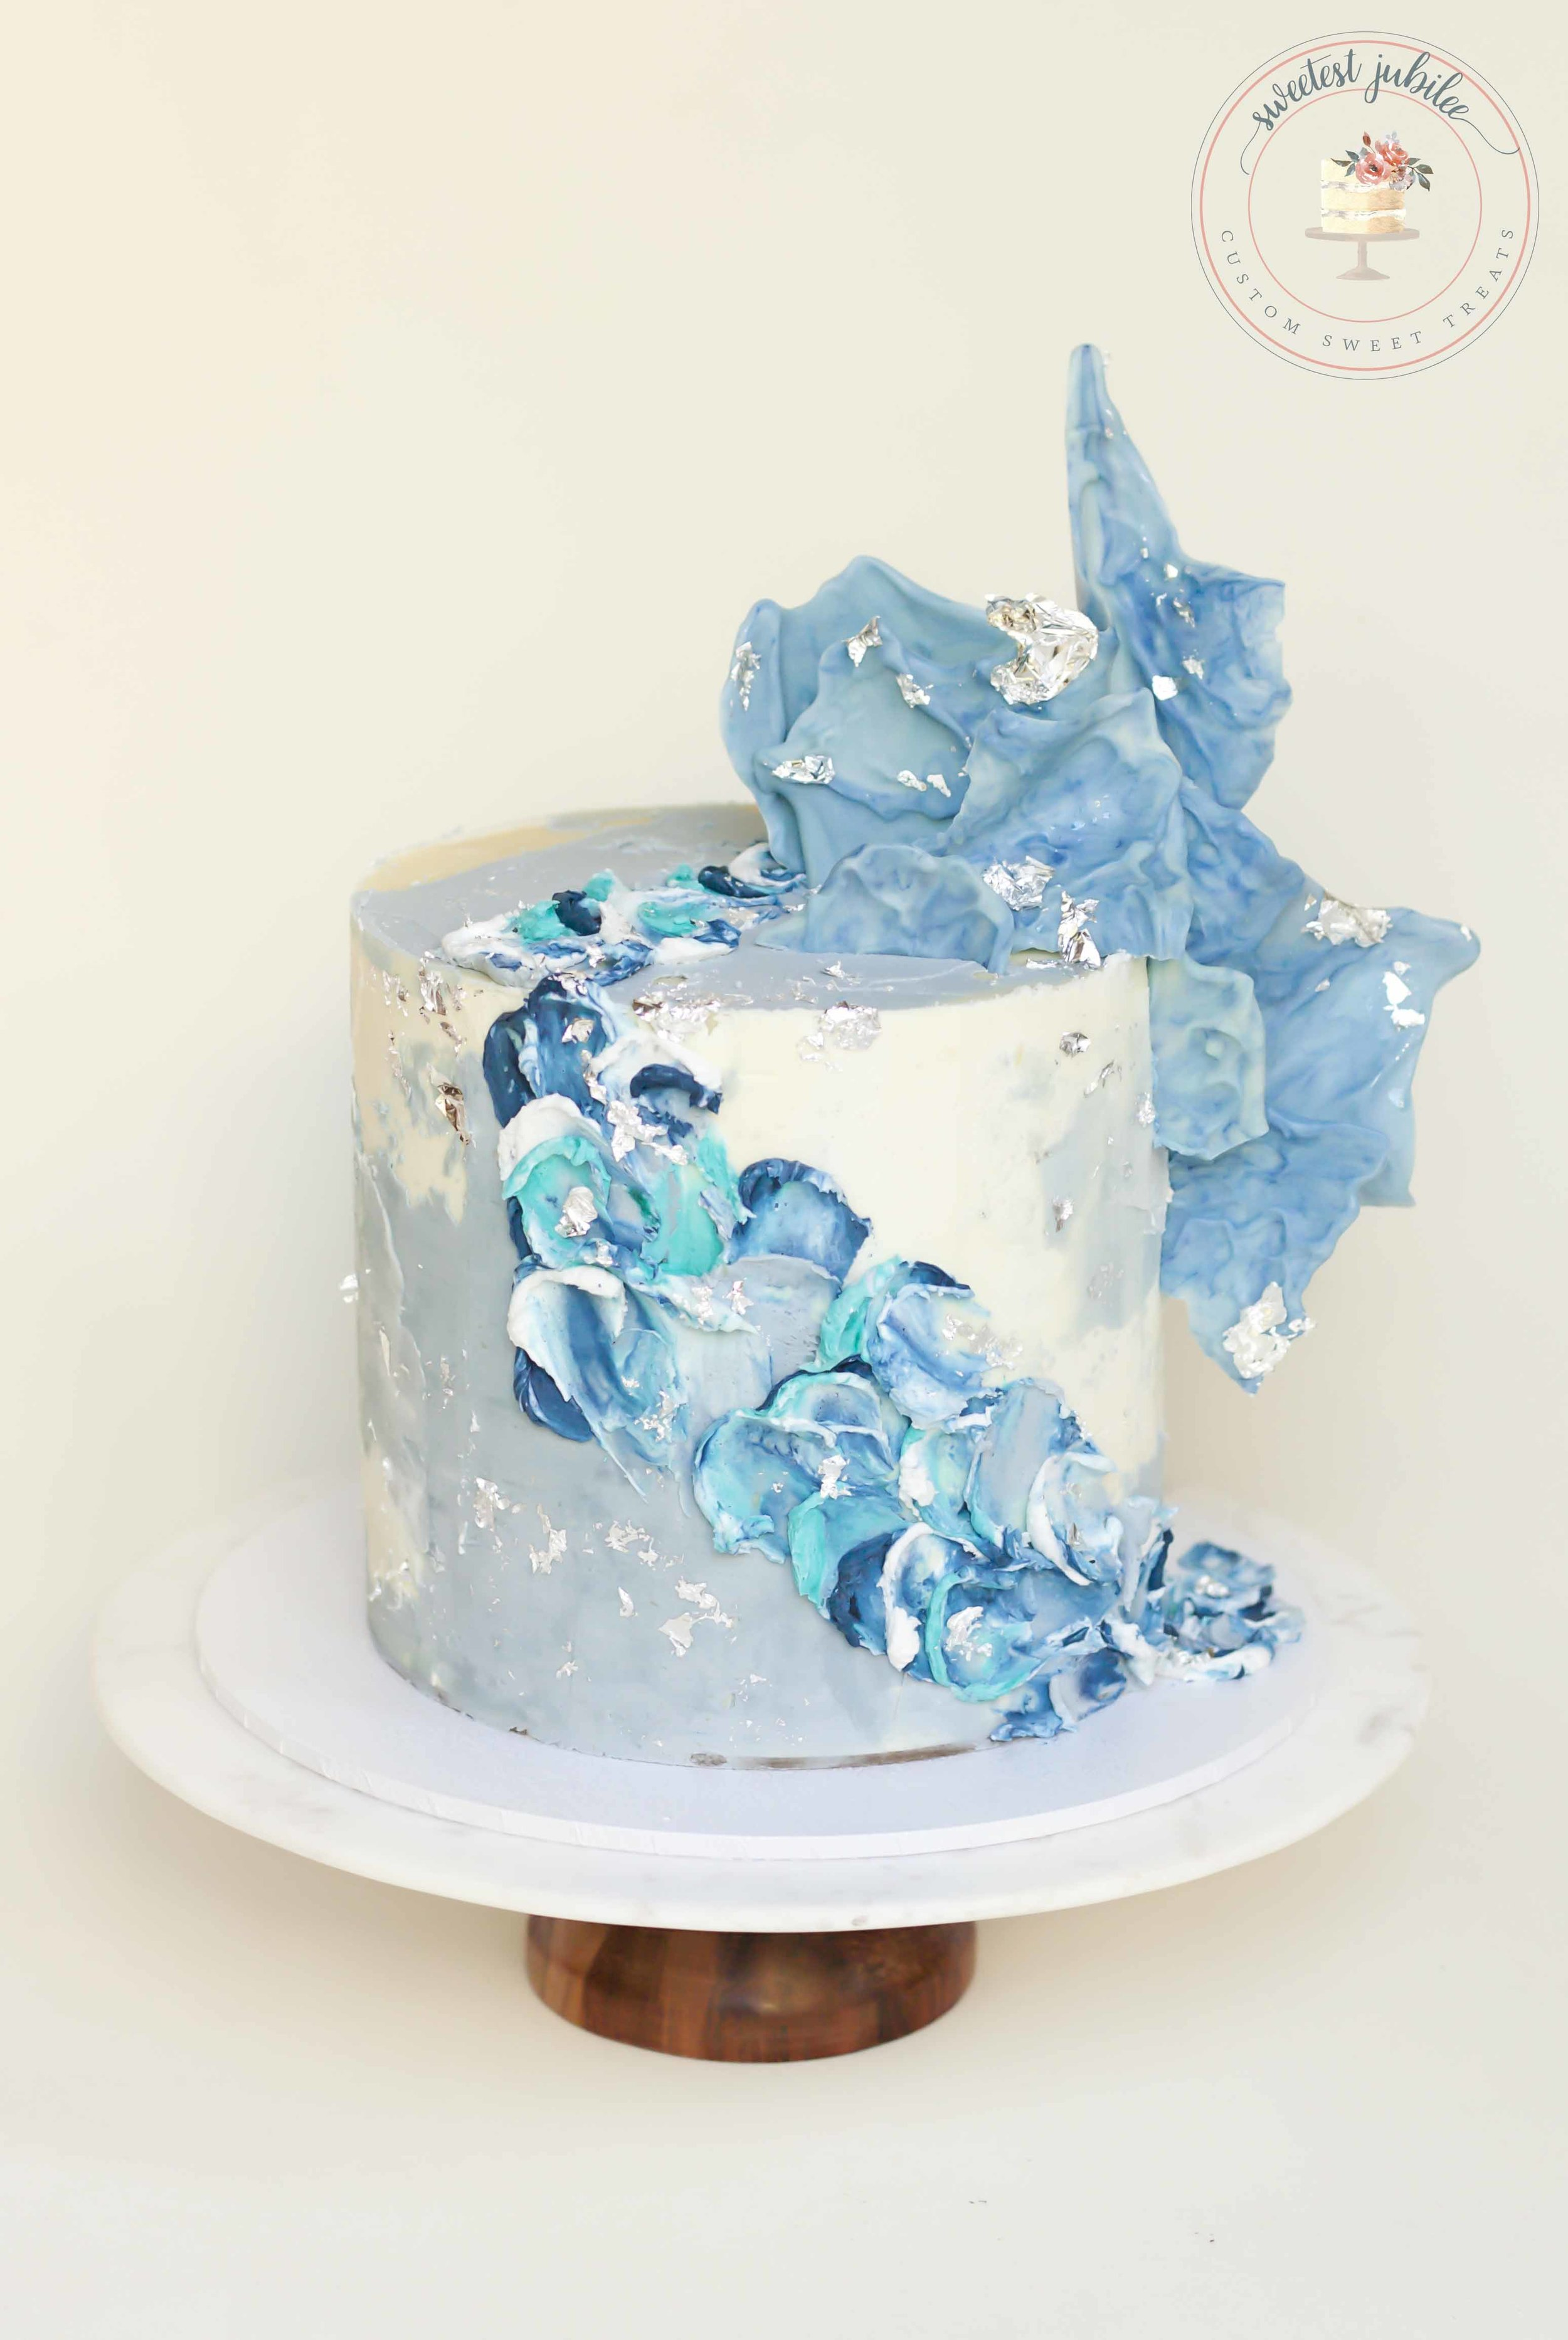 Andrew 40th cake 1.jpg